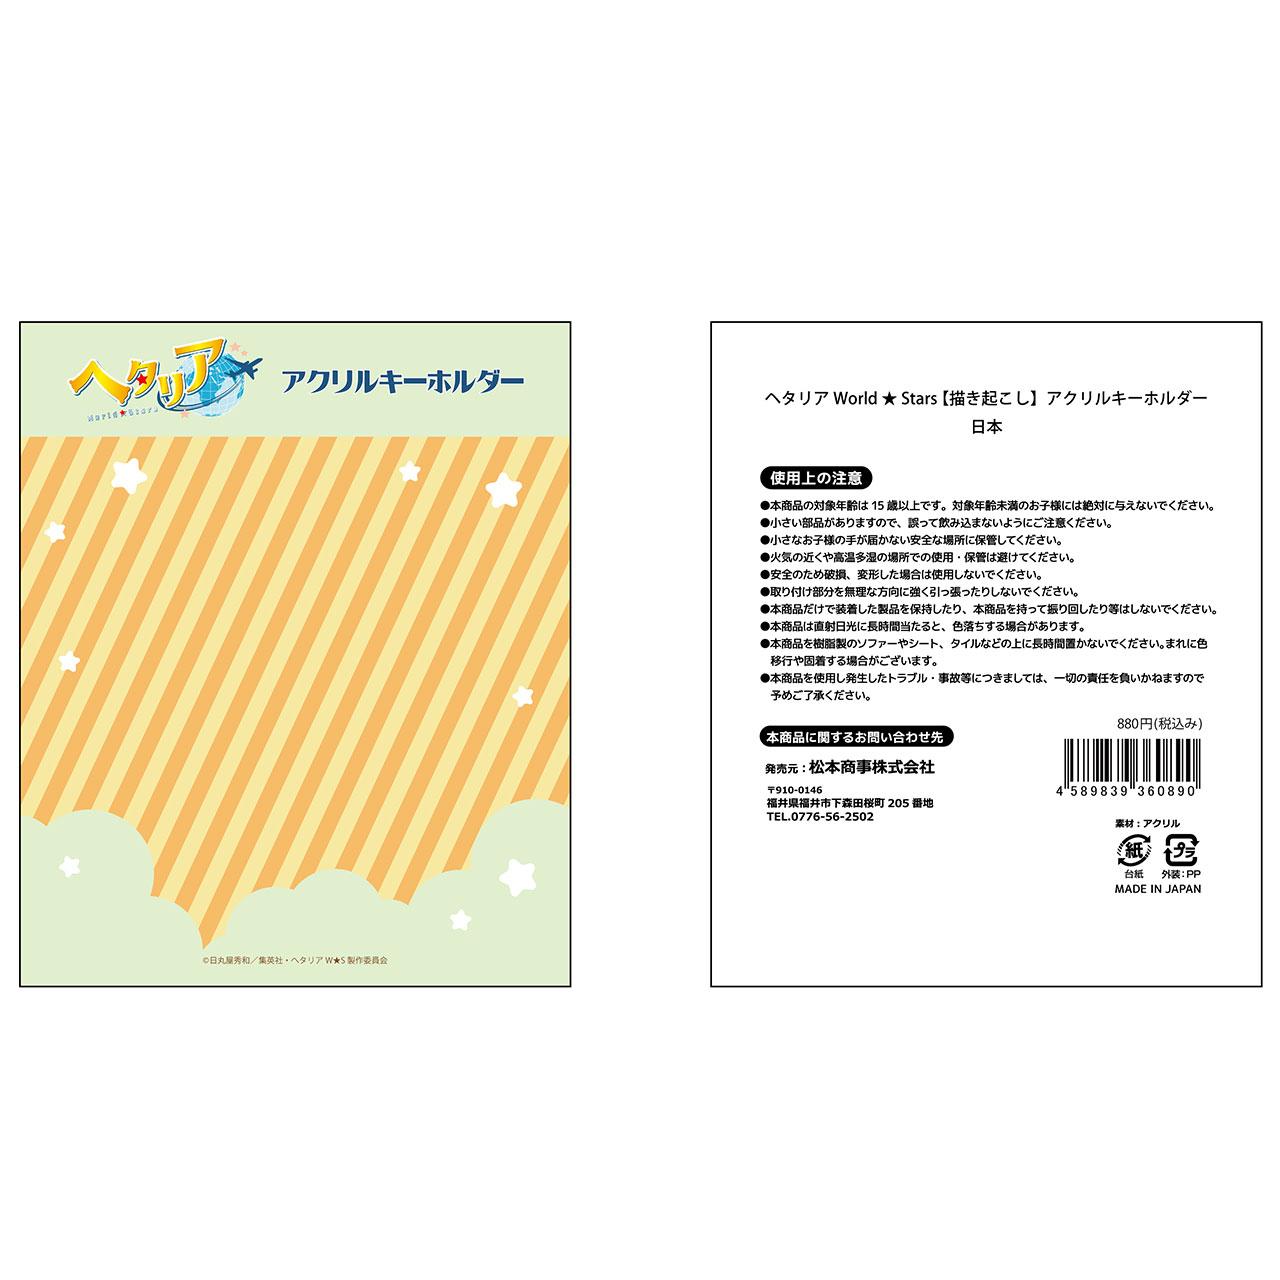 【描き起こし】アクリルキーホルダー 日本台紙イメージ